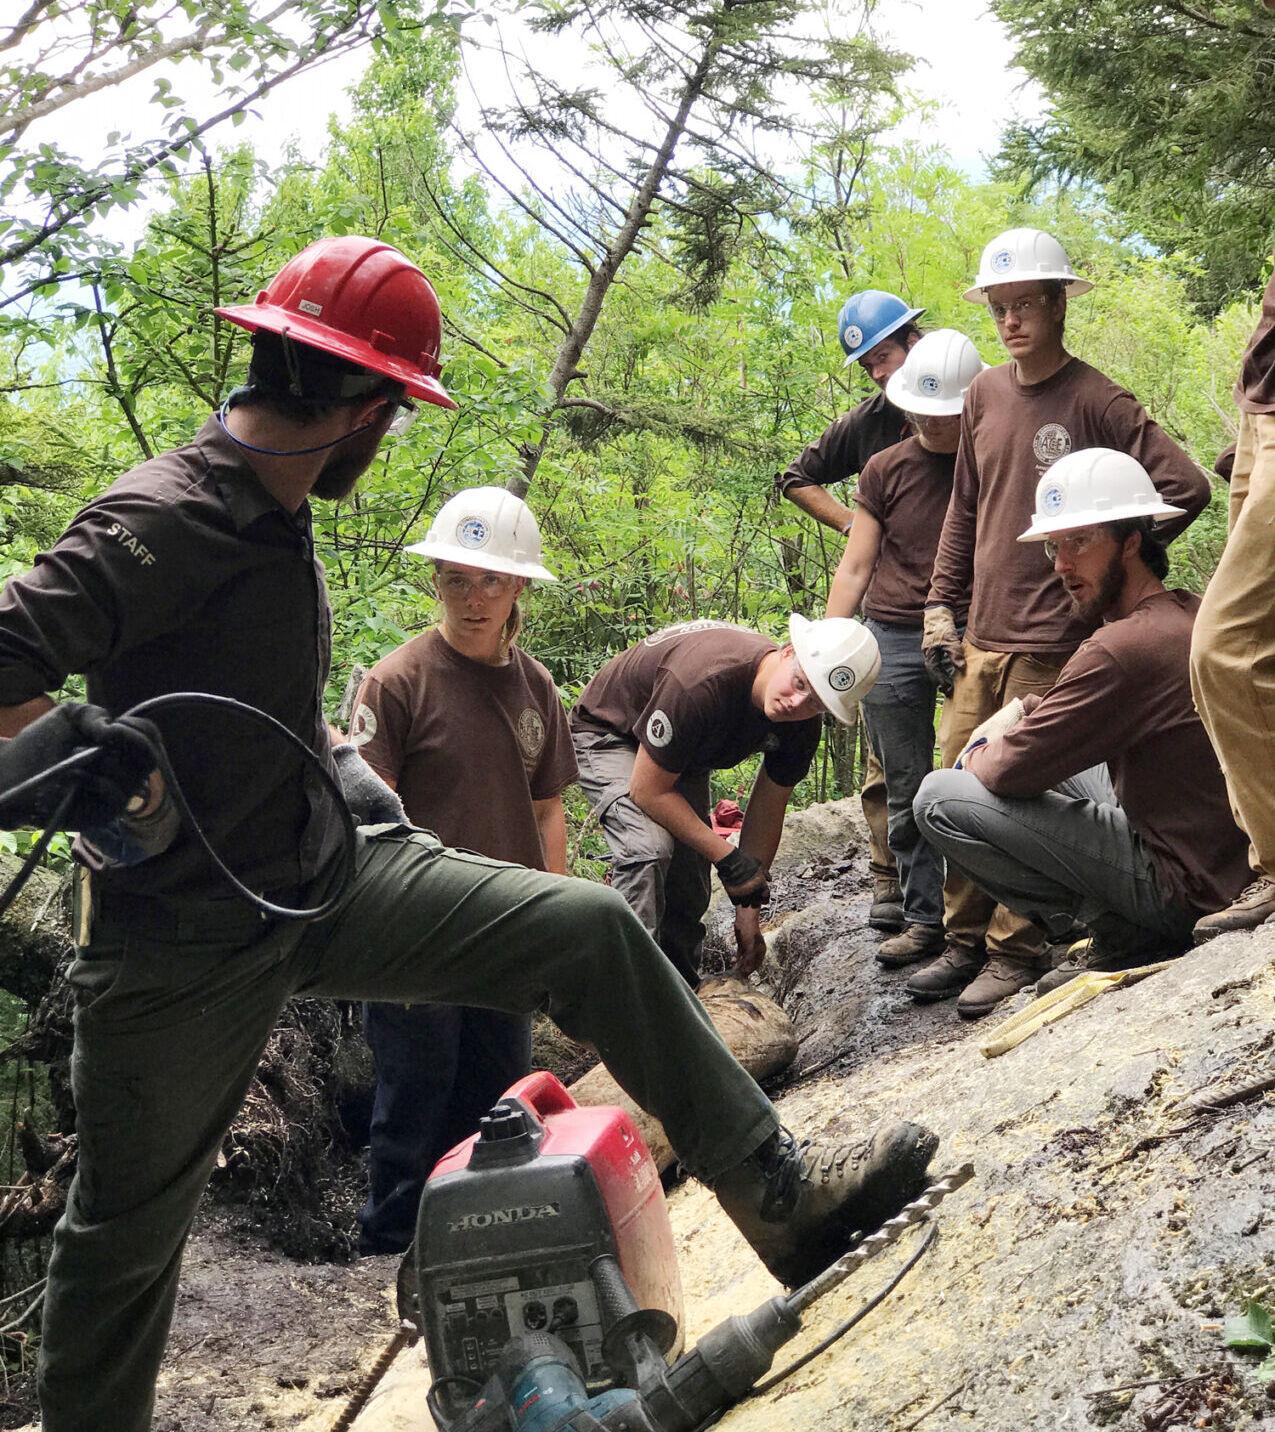 Mt. Mitchell Trail restoration